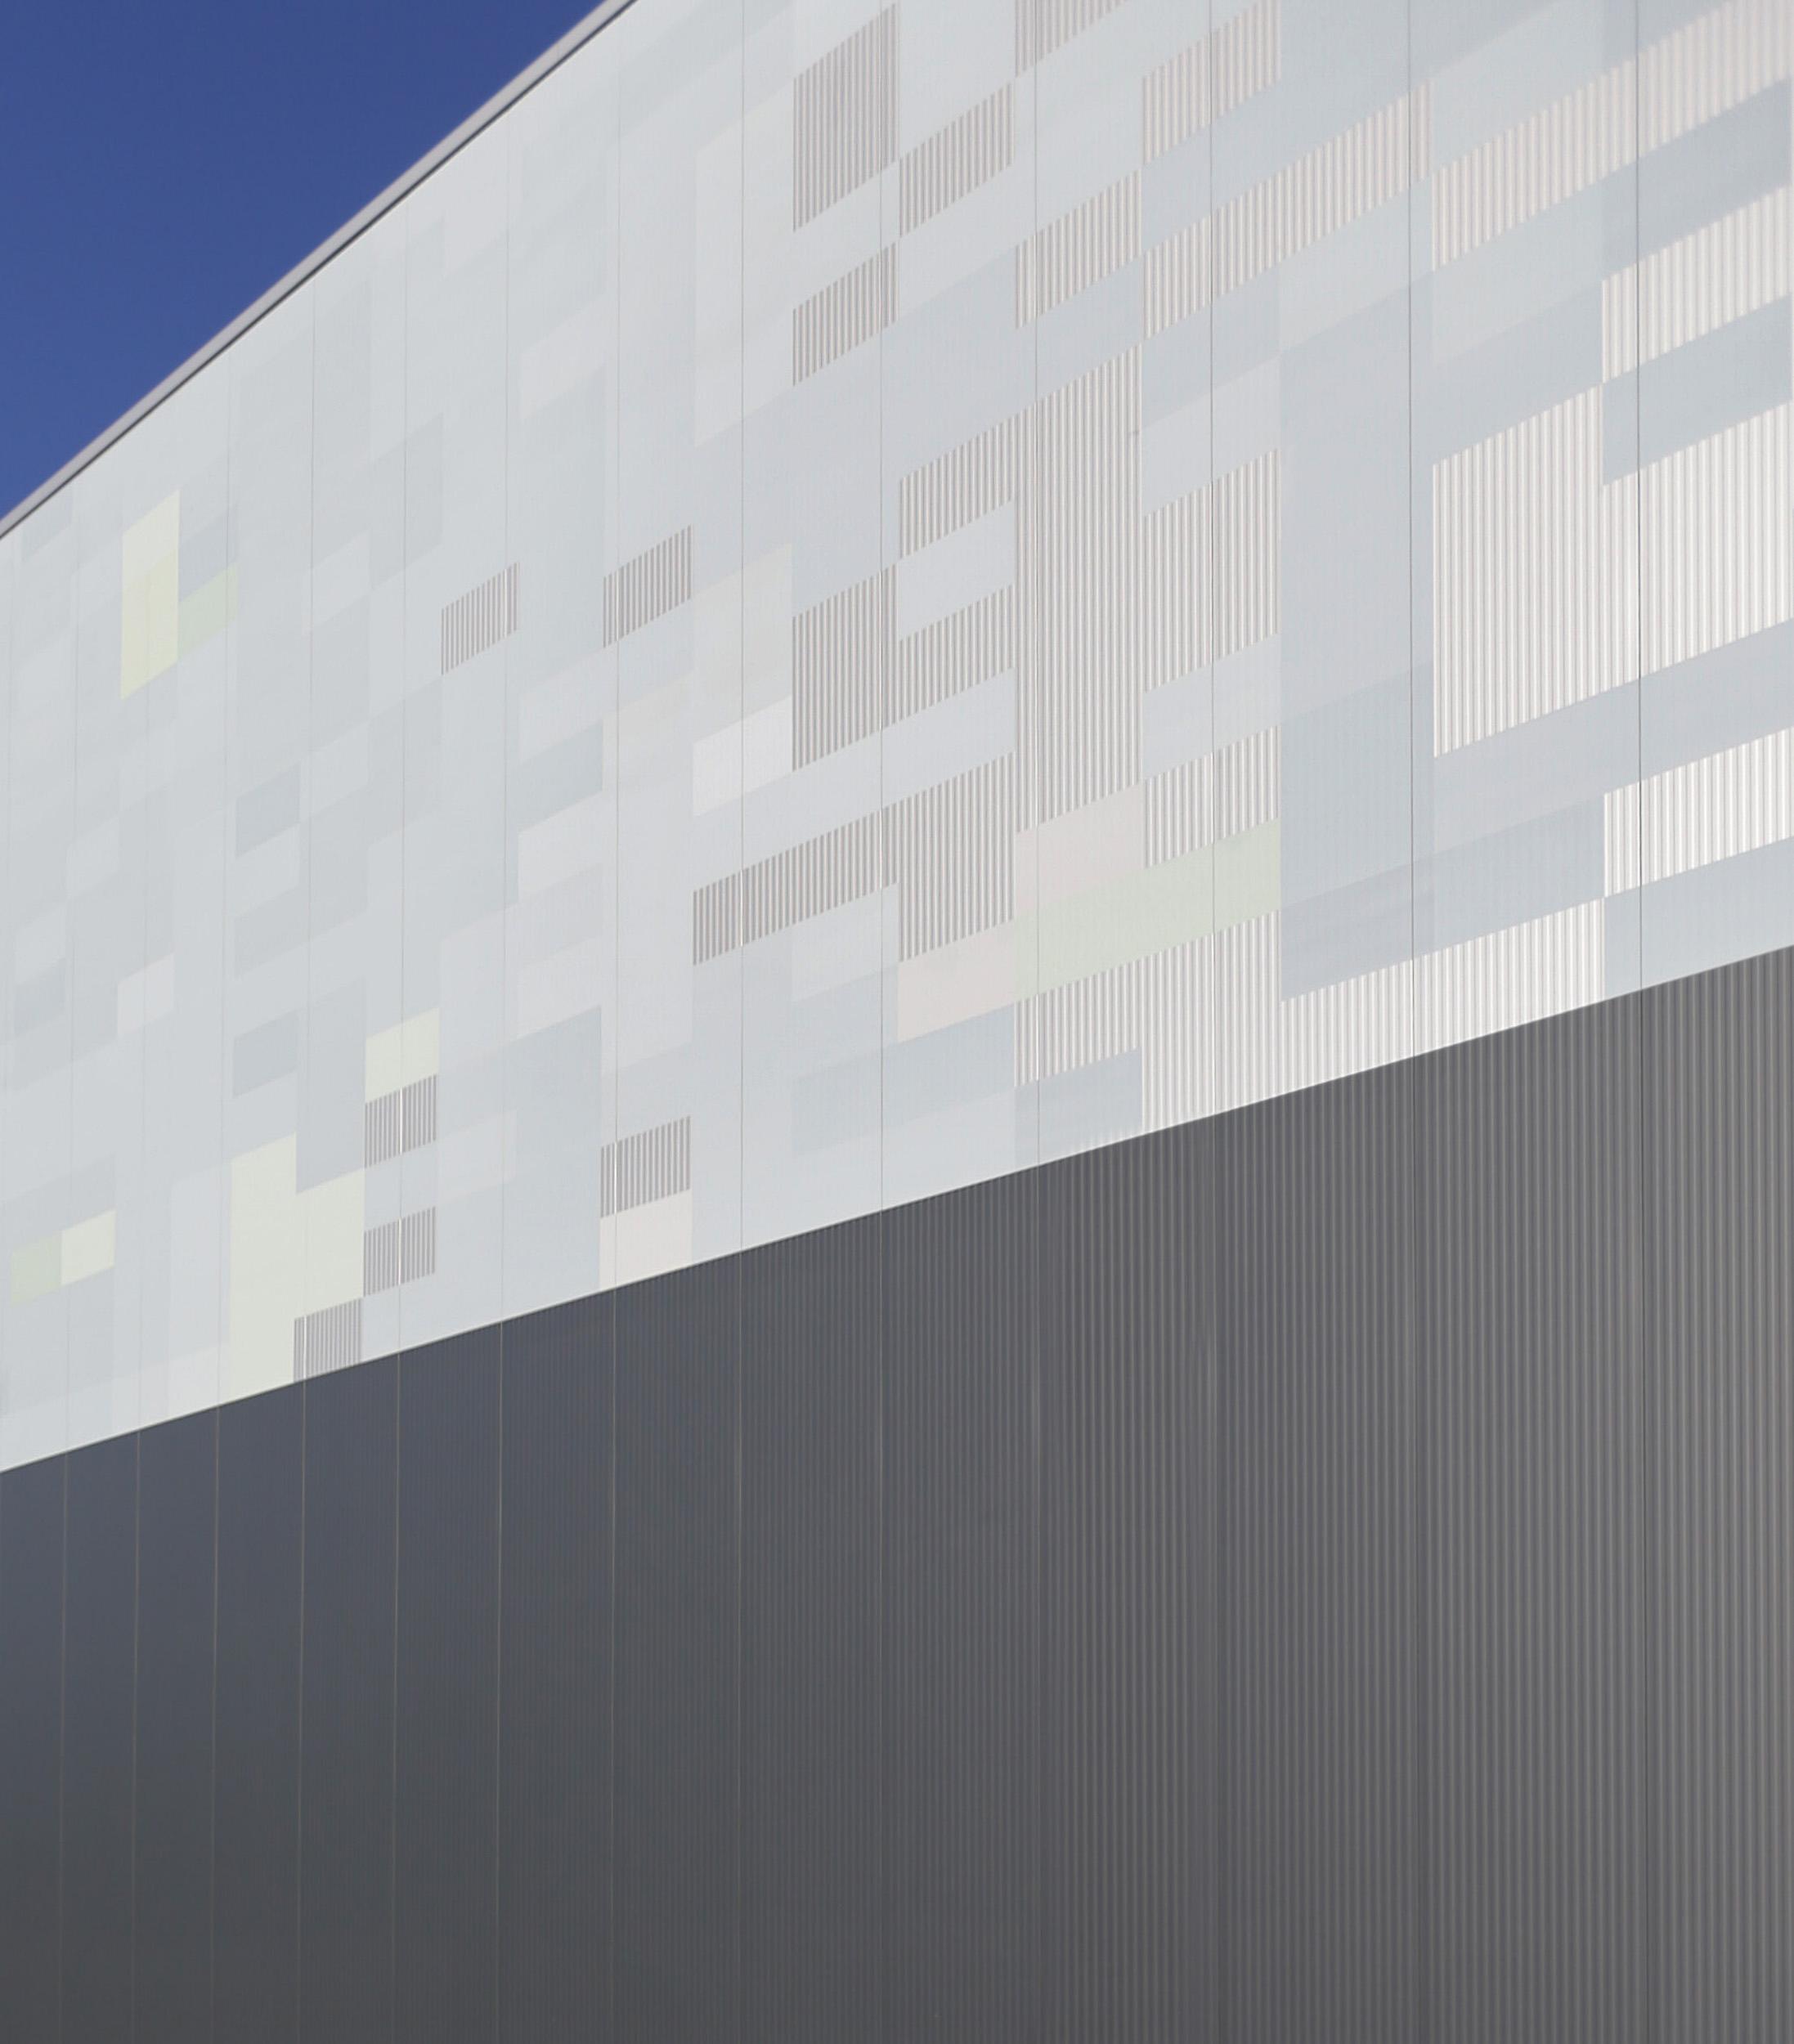 fassadengestaltung im industriebau strauss hillegaart. Black Bedroom Furniture Sets. Home Design Ideas